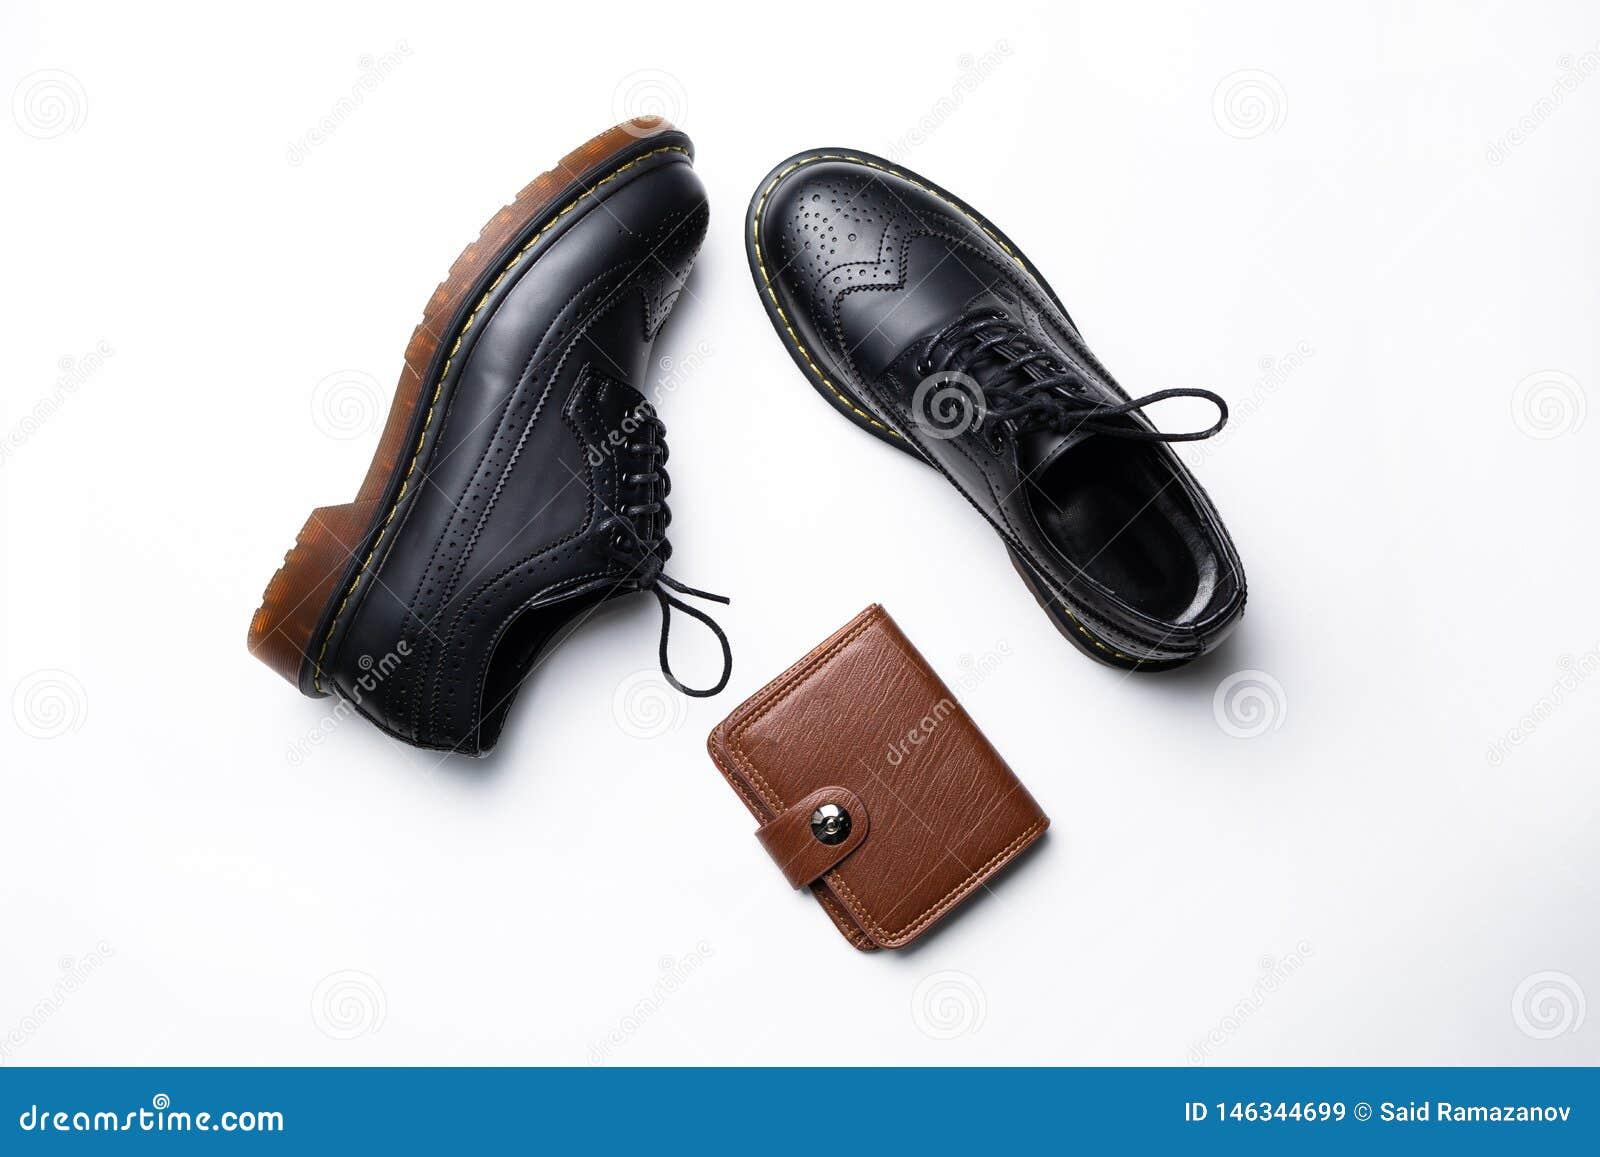 Schwarze lederne Derby-Schuhe mit Polyurethansohlen und ein brauner Geldbeutel mit einem Knopf auf einem wei?en Hintergrund